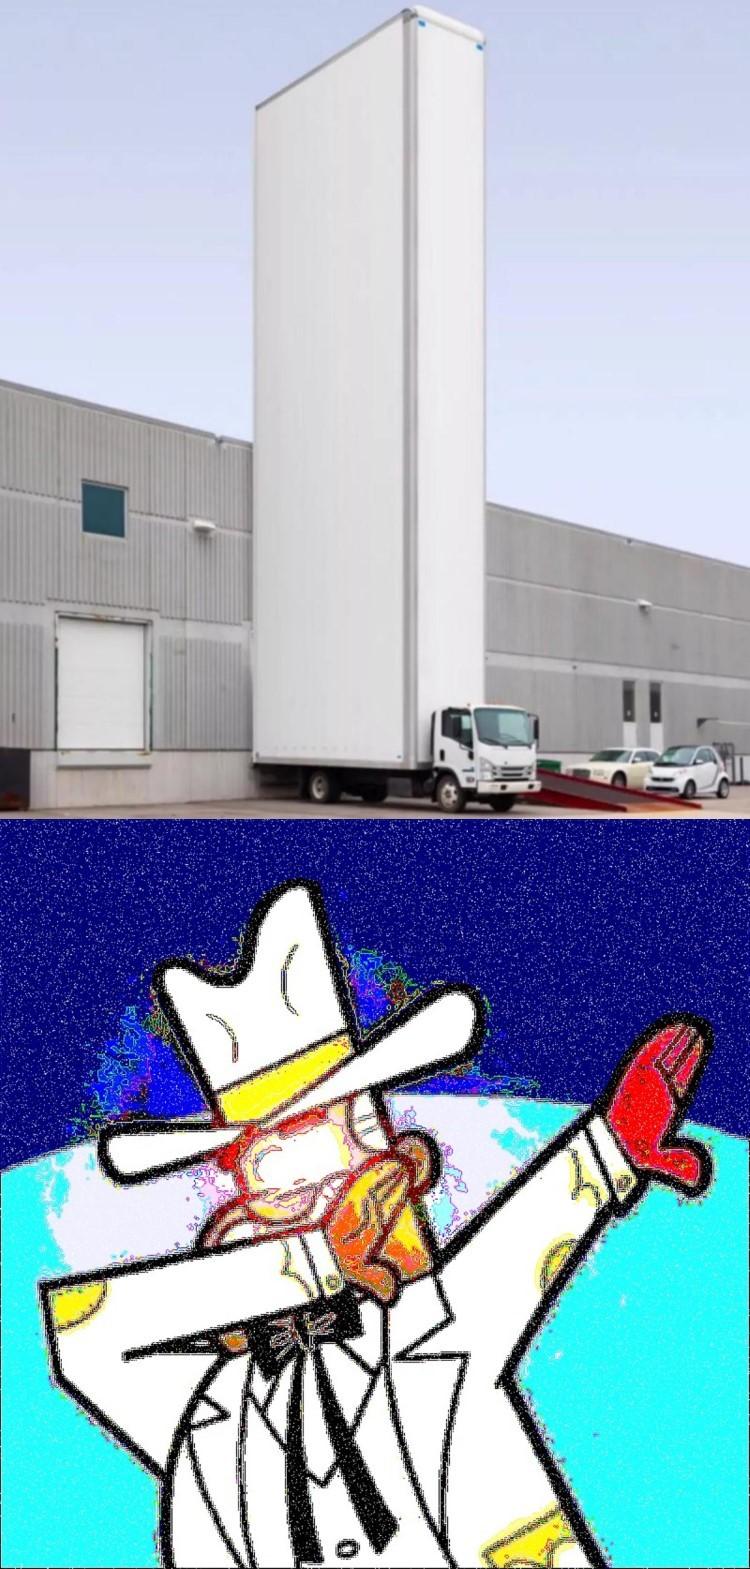 Dimma truck meme